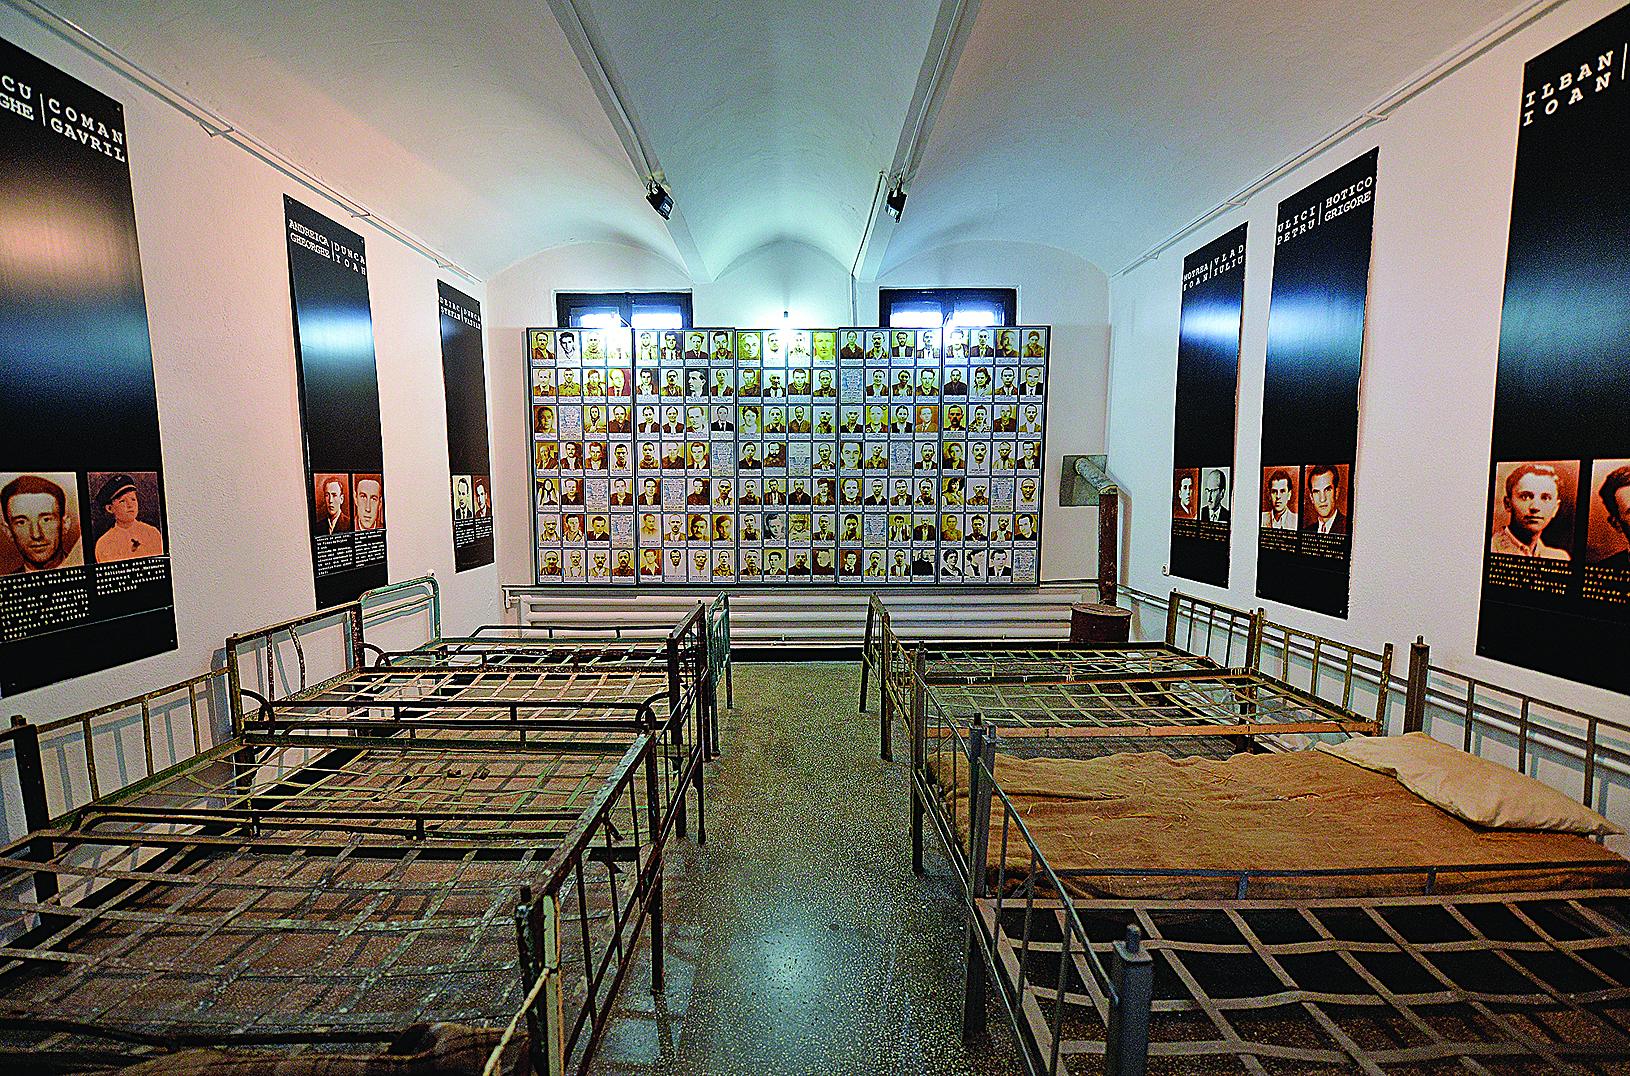 羅馬尼亞錫蓋特博物館由錫蓋特監獄改建,展示和揭露共產極權統治的罪惡。自1993年成立,該館已接待了一百多萬參觀者。圖為館內的一間展室(原監獄牢房)。(DANIEL MIHAILESCU/AFP/Getty Images)